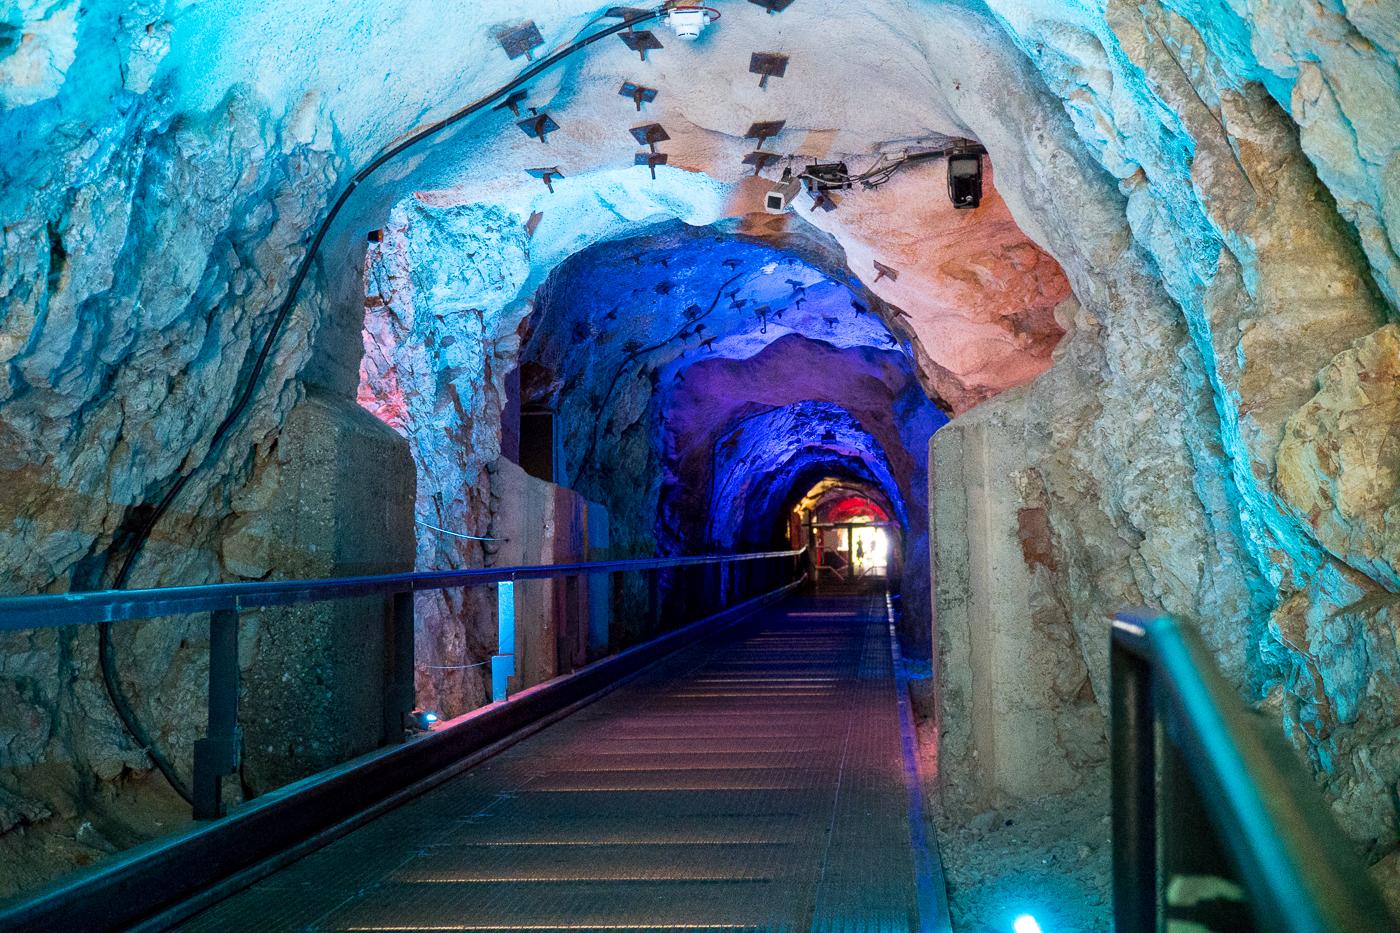 Tunnel dans la montagne menant au Schlossberg - Quoi à faire à Graz en Autriche